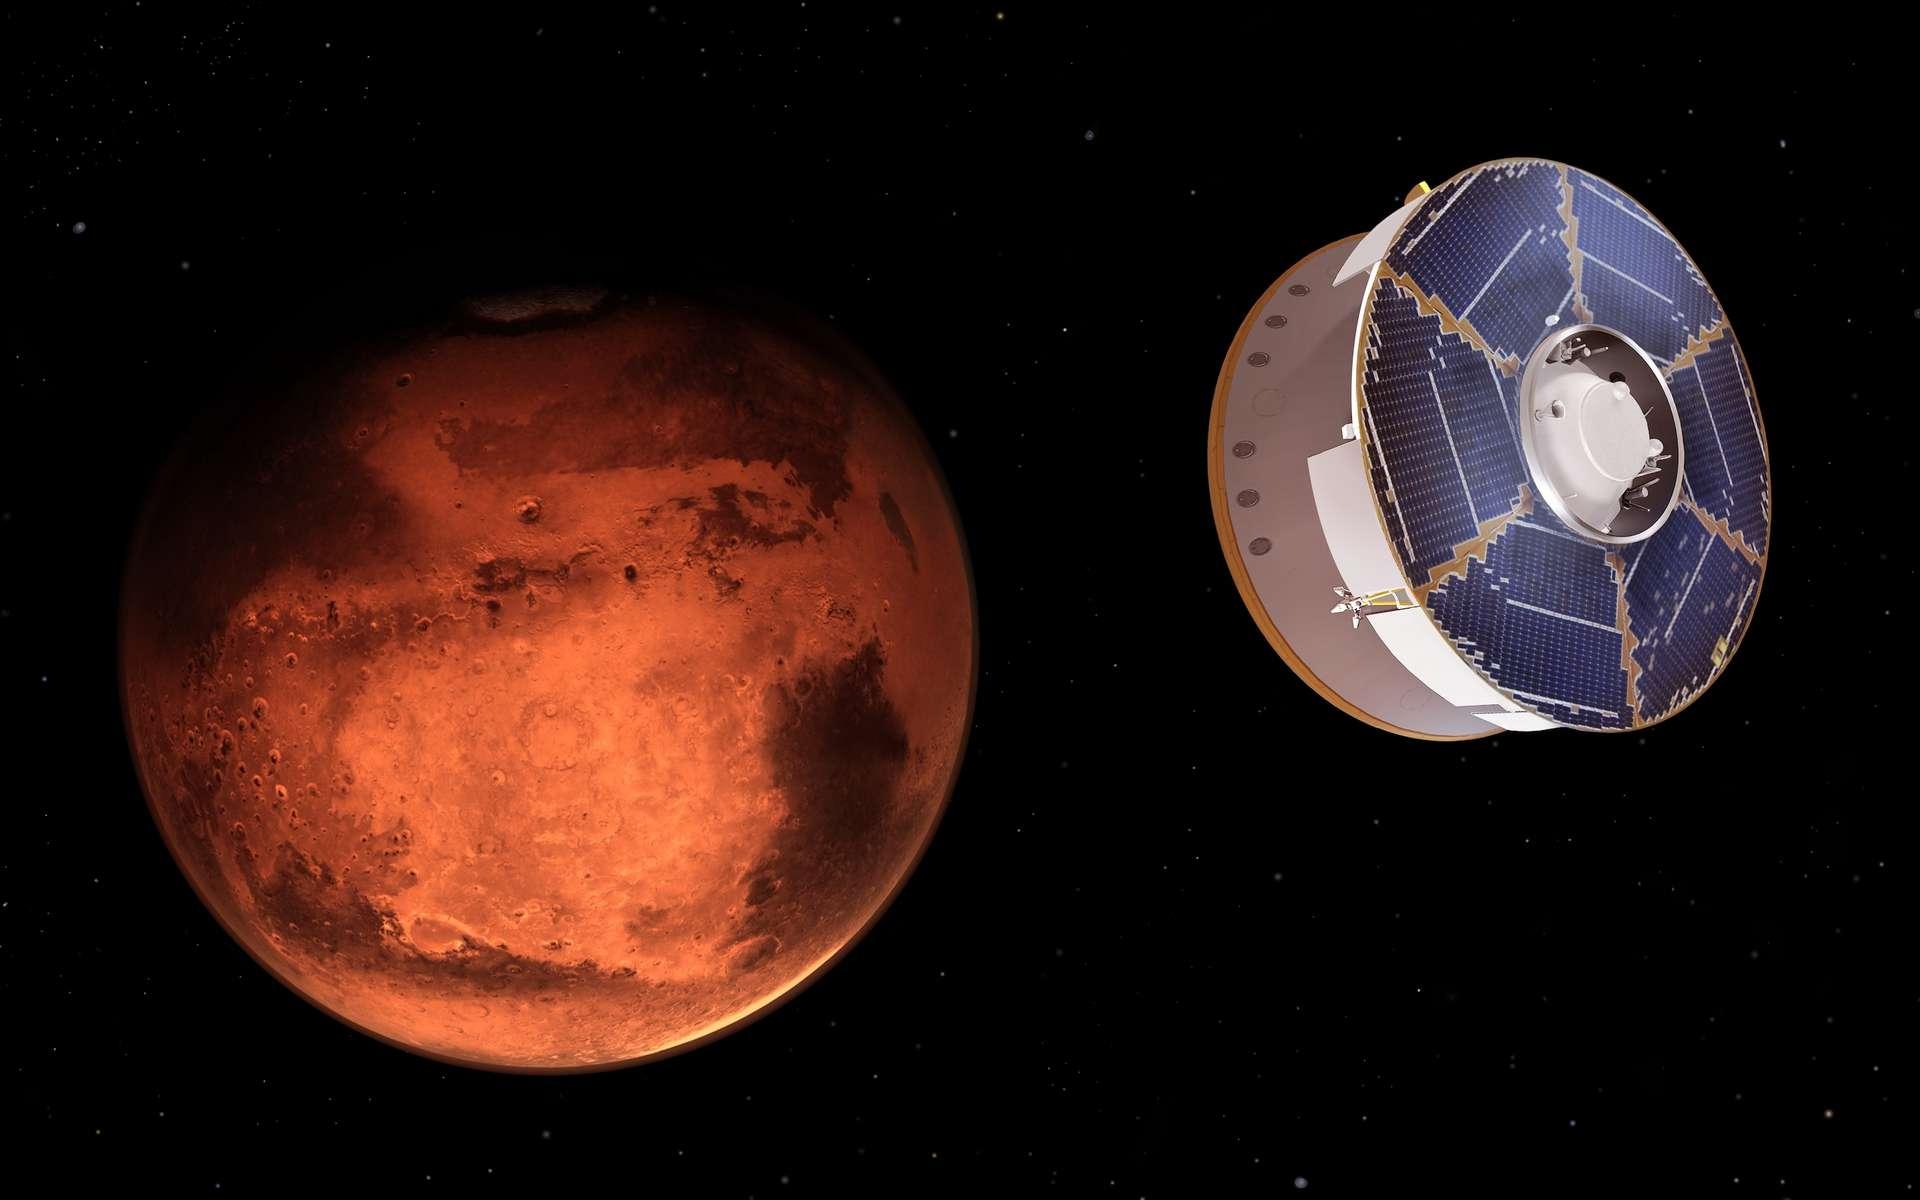 Le vaisseau transportant le rover Perseverance arrive en vue de Mars ! Nous sommes alors le 18 février 2021. © Nasa, JPL-Caltech